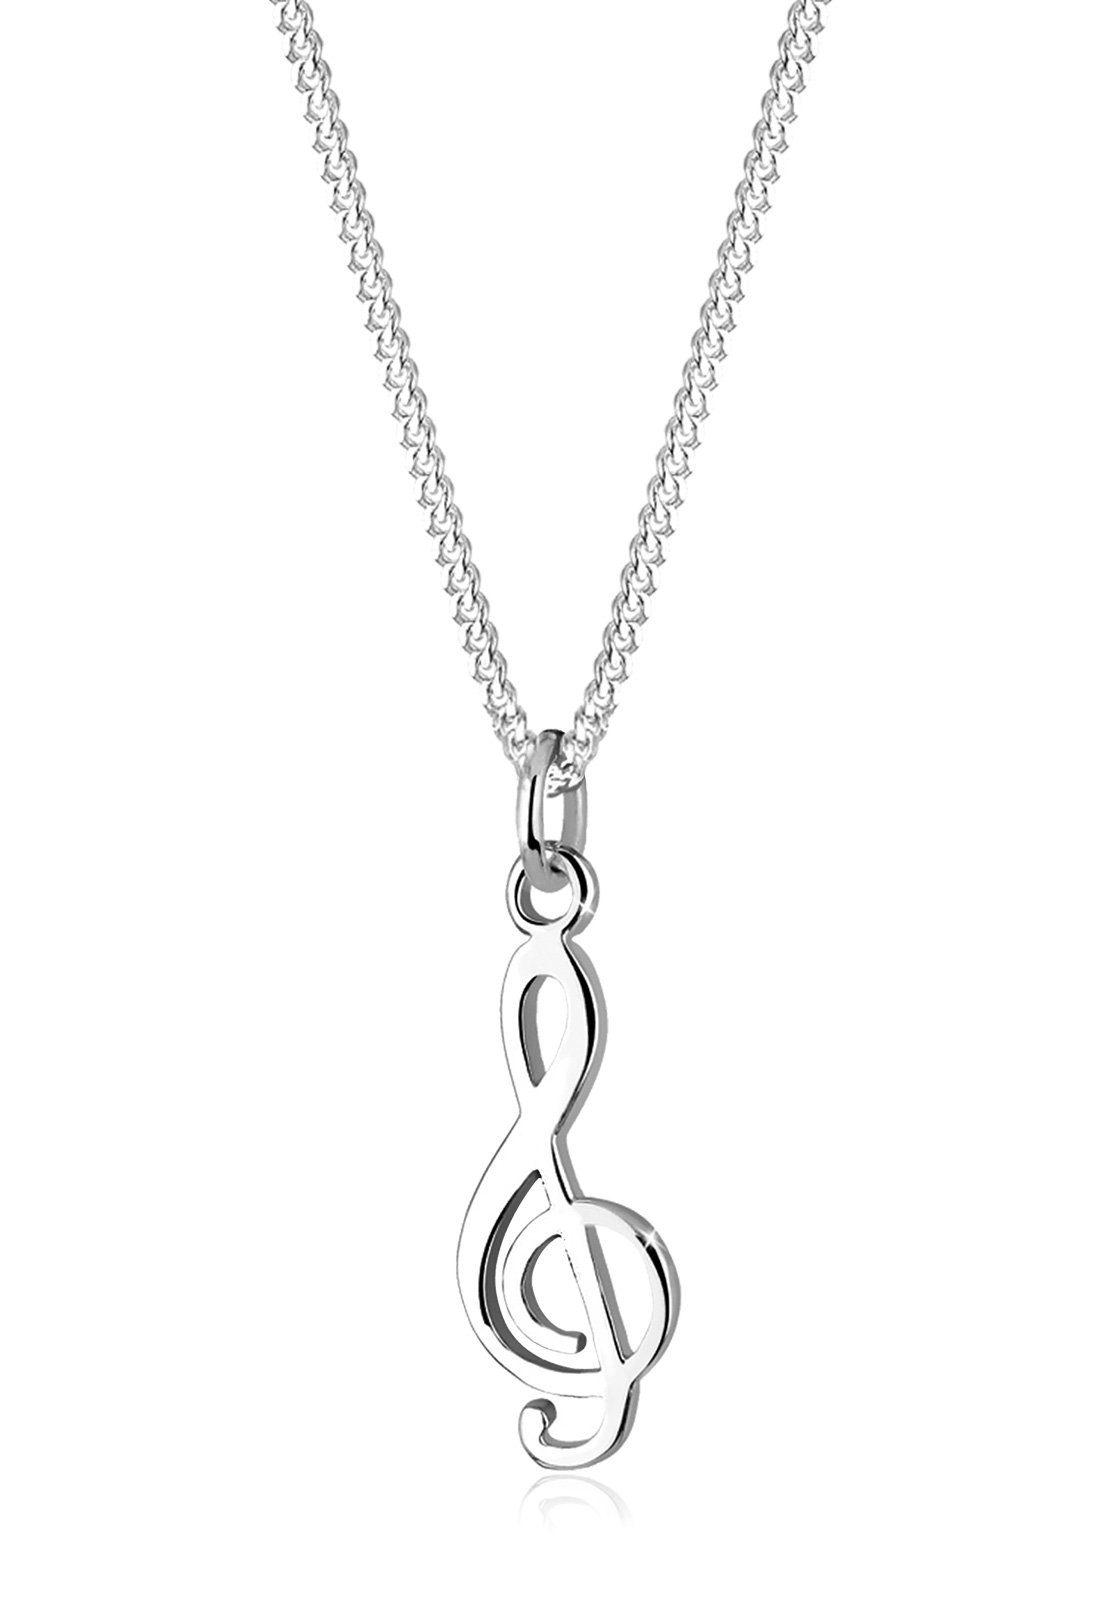 Notenschlüssel Anhänger Violinschlüssel Kettenanhänger Zirkonia 925 Silber neu